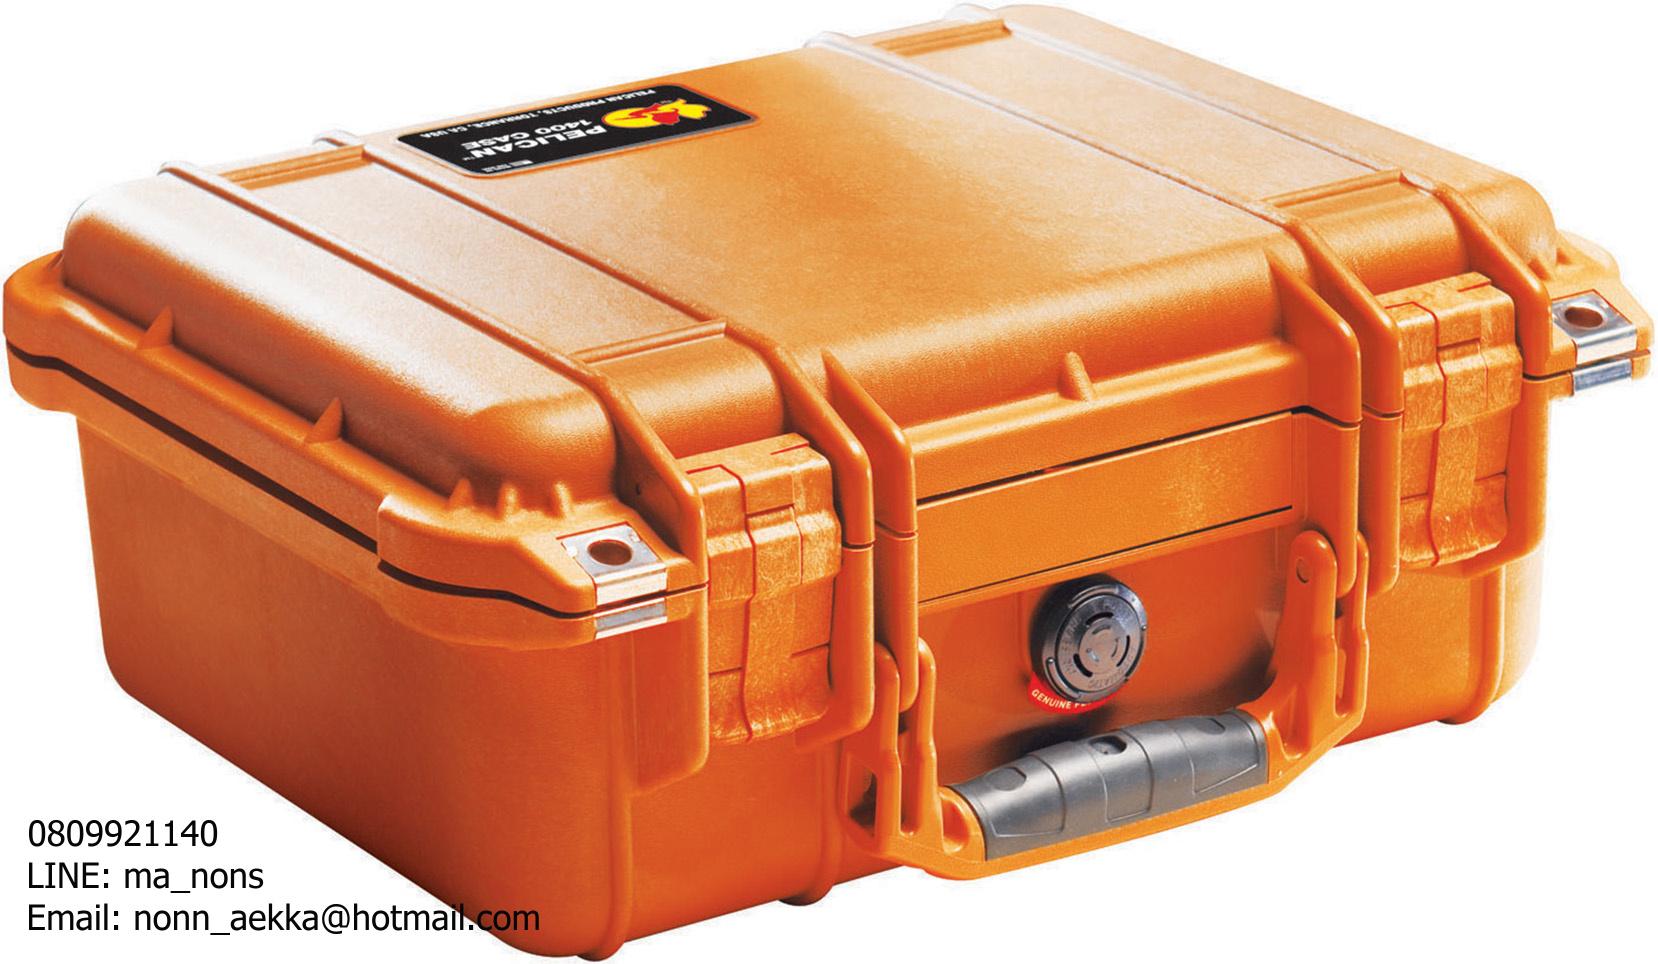 PELICAN™ 1400 CASE WITH FOAM